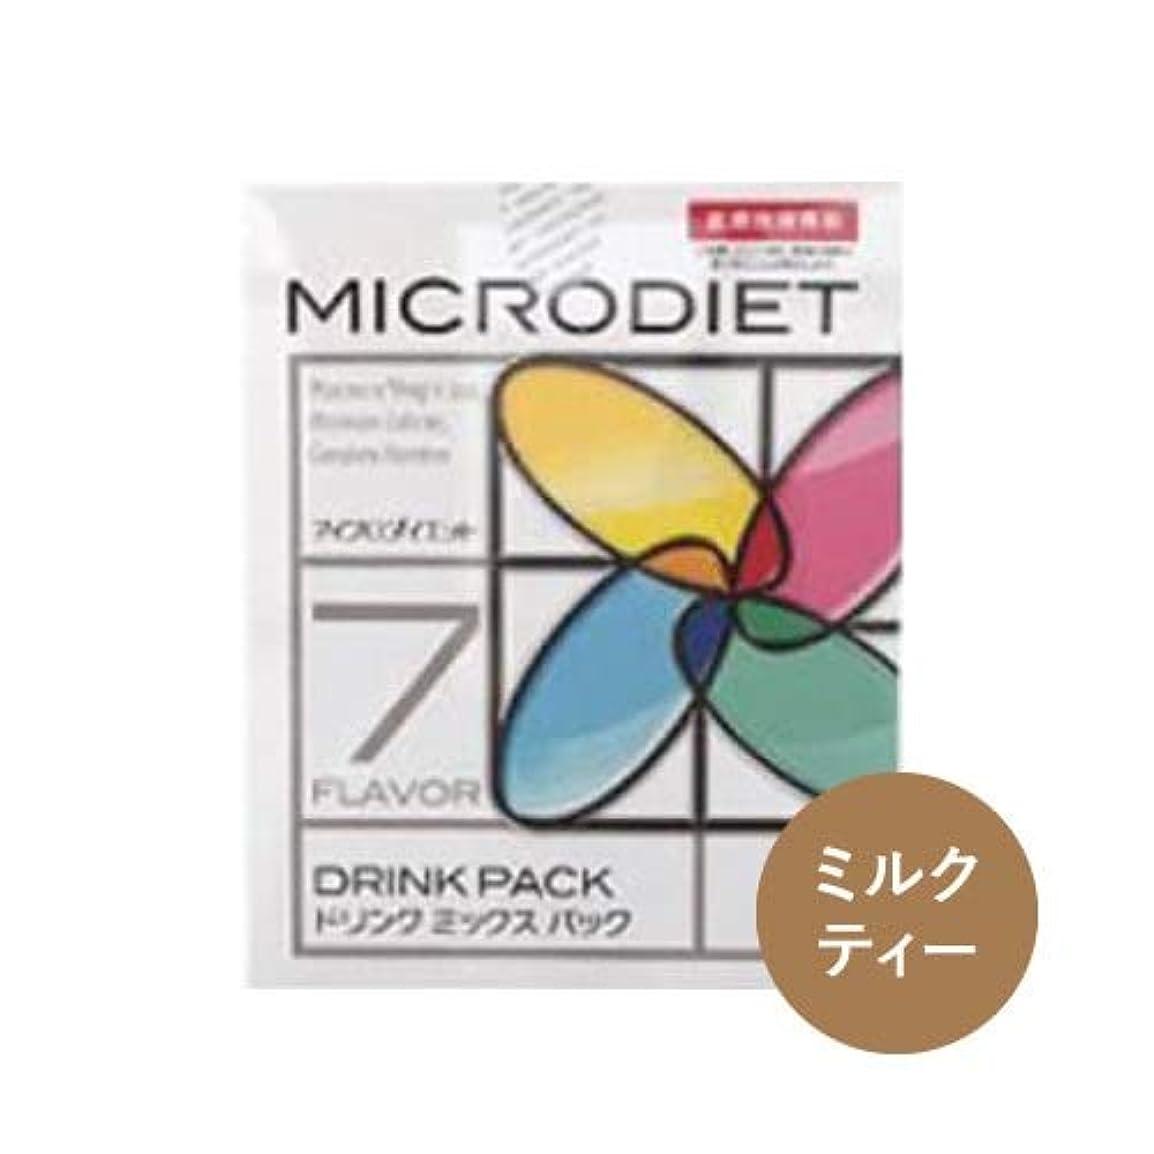 モンスター兵隊砂漠マイクロダイエット MICRODIET ドリンクタイプ 7食 抹茶味